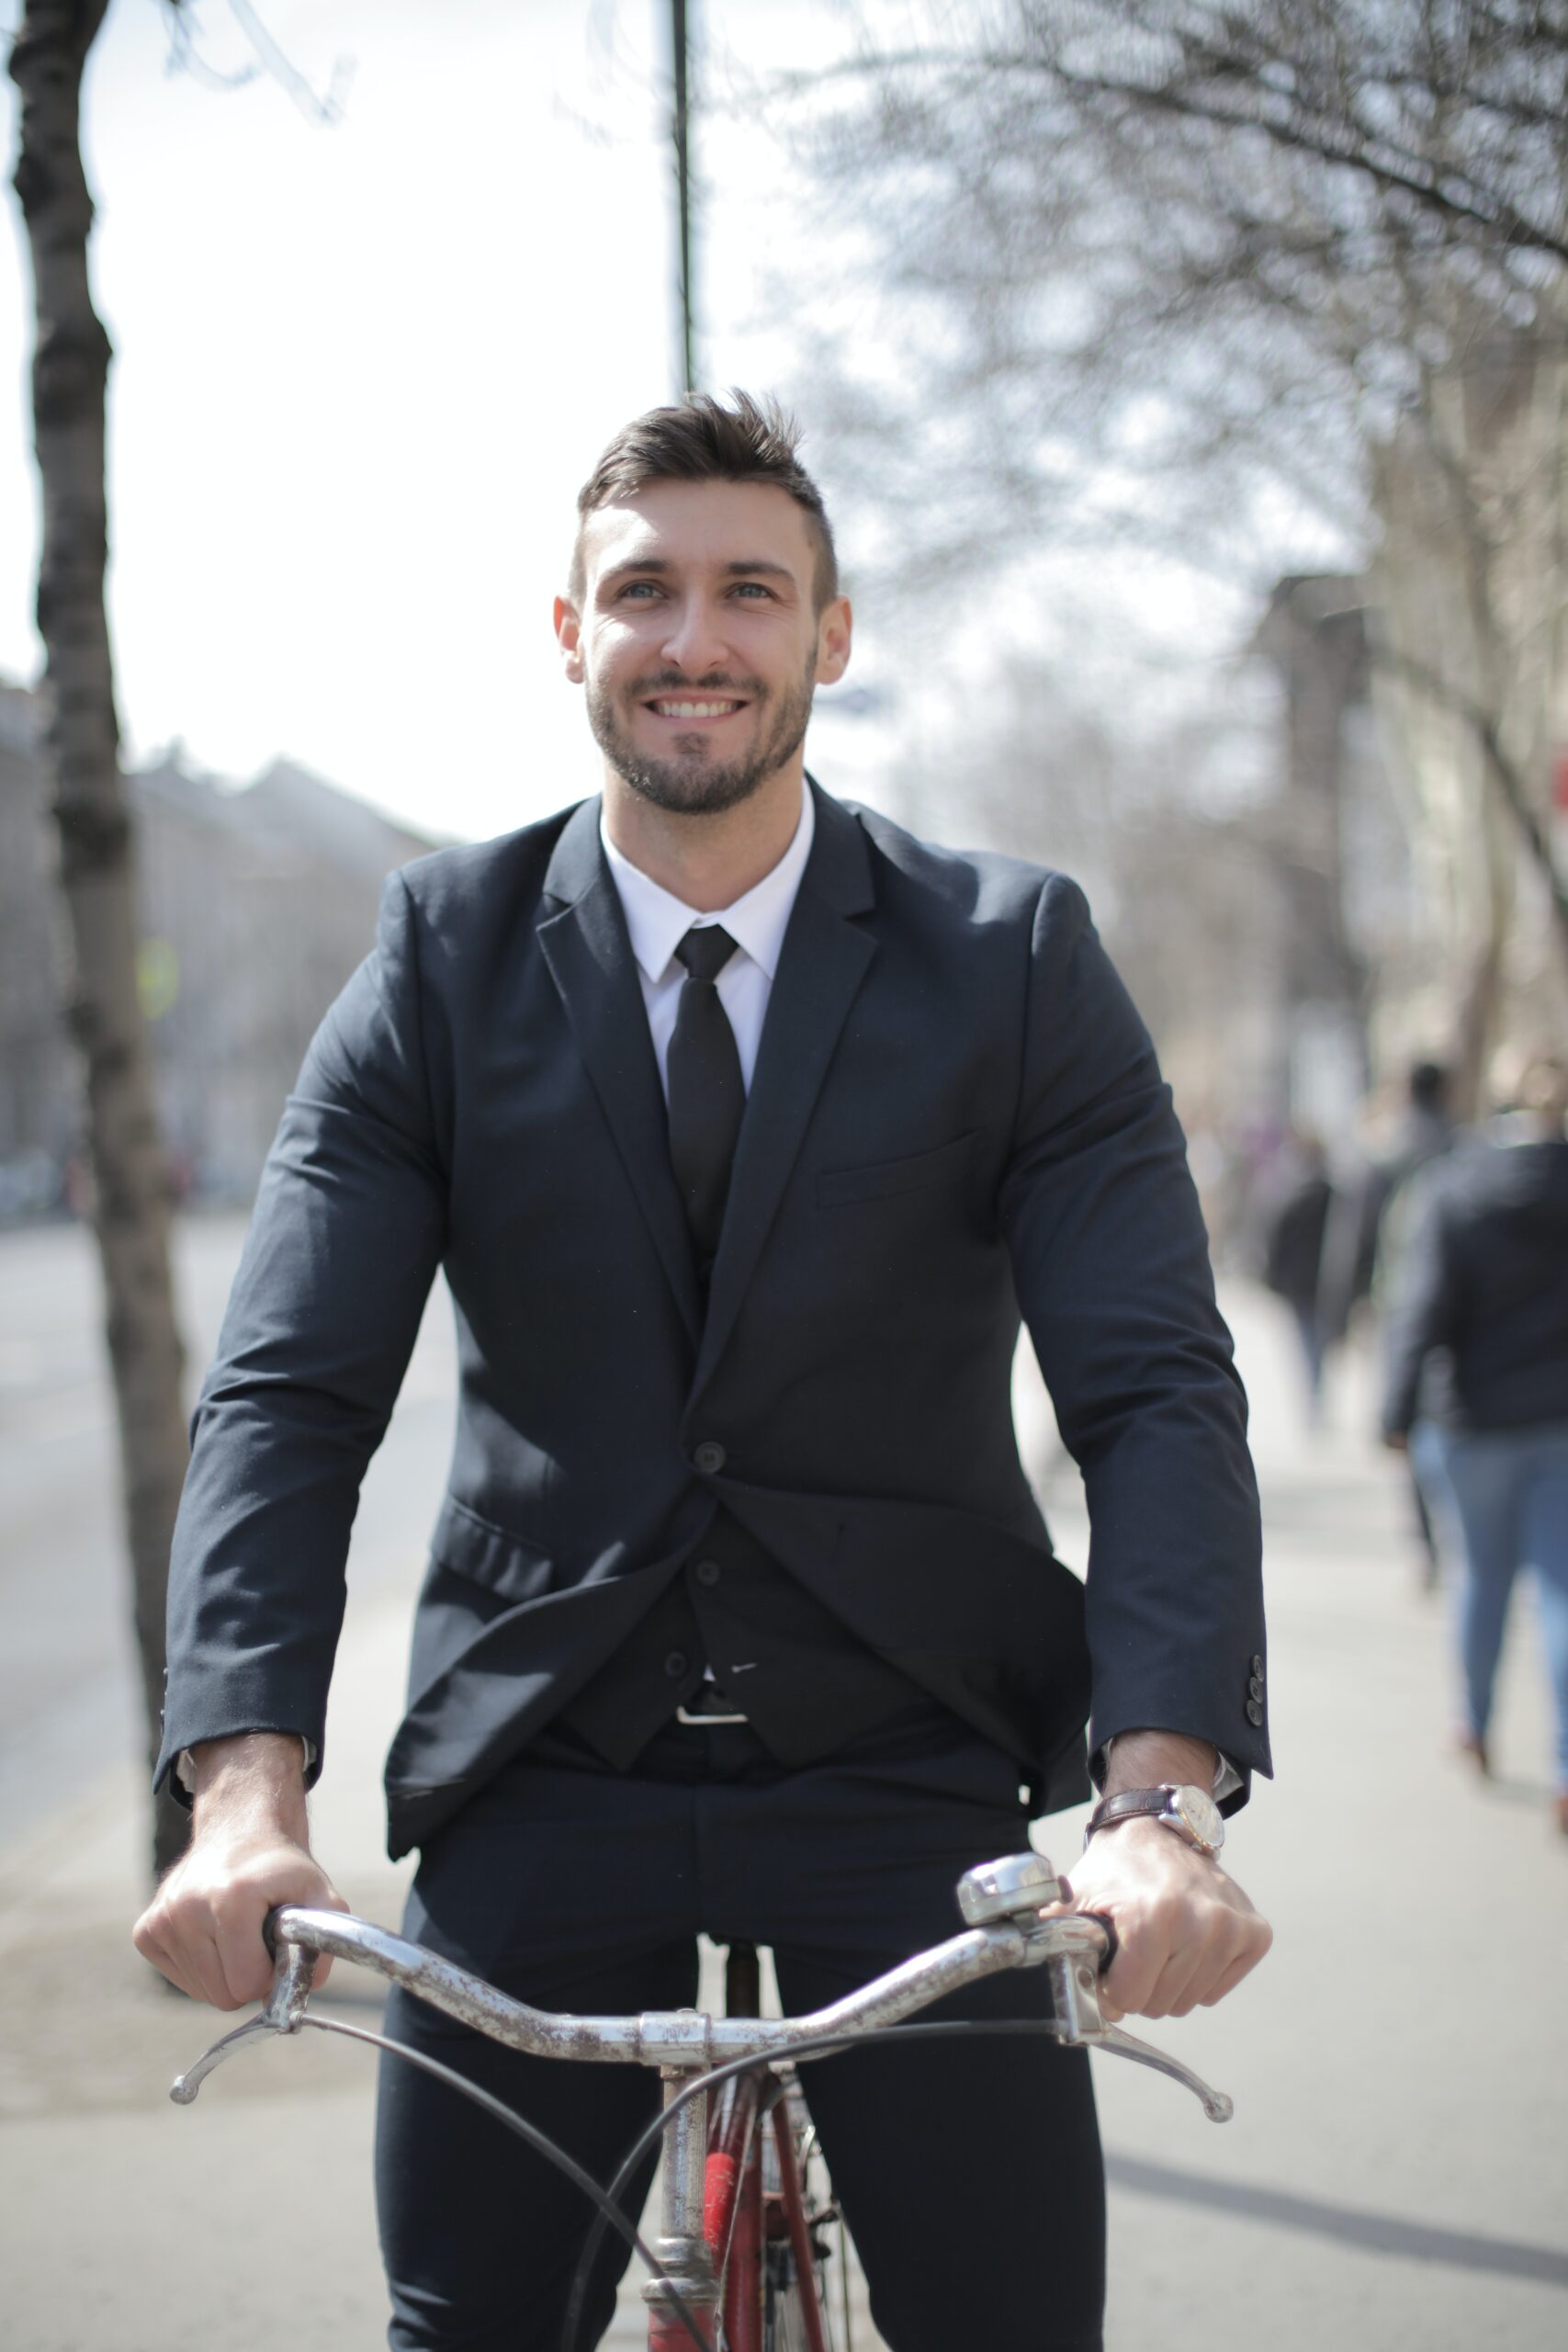 vélo électrique pour homme en costard